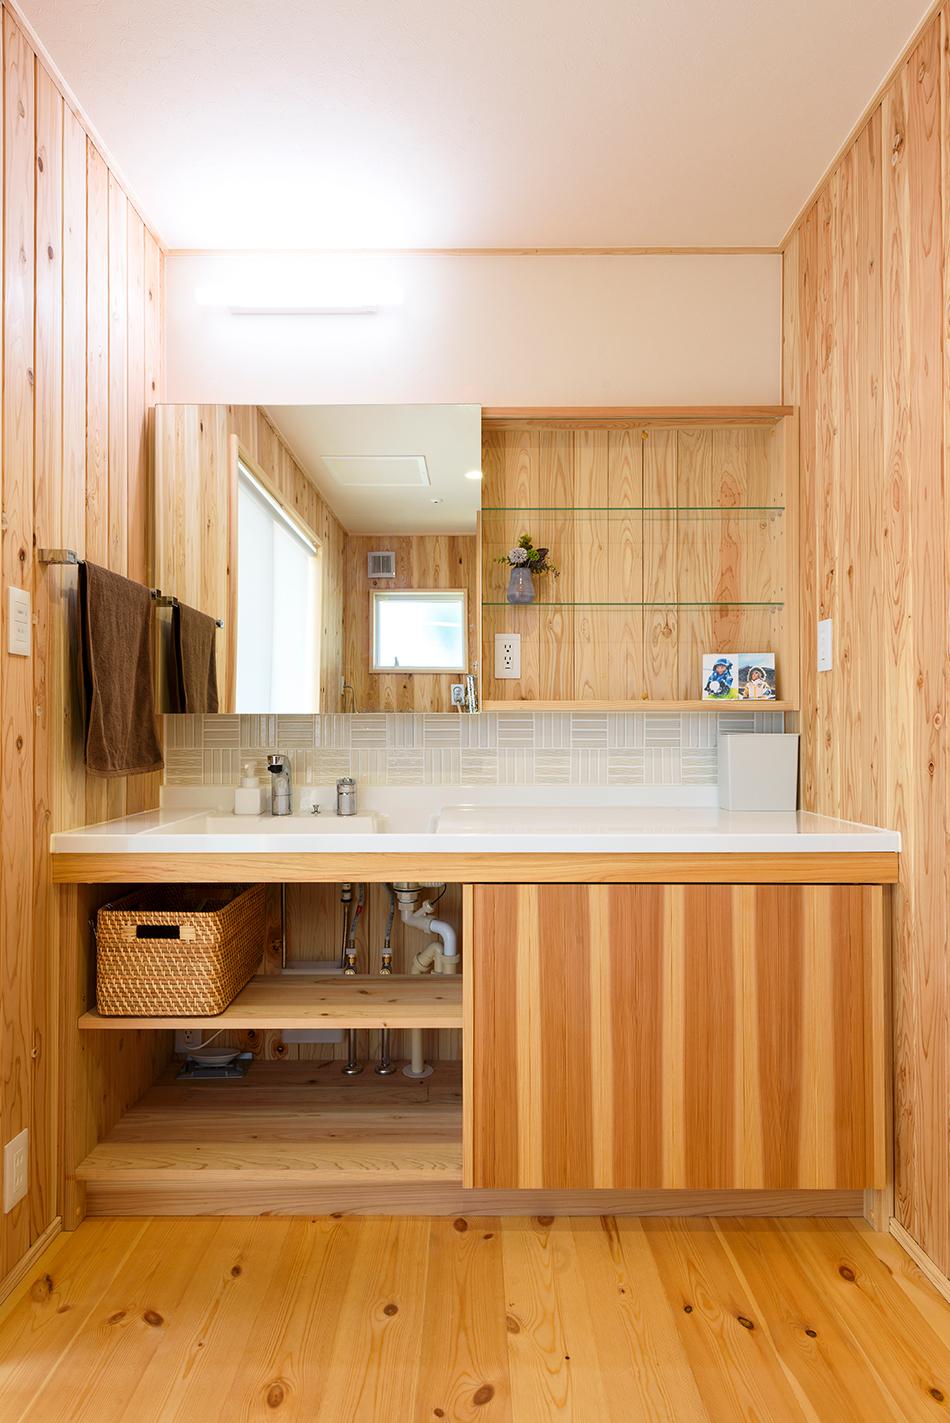 木の家|熊本の新築建築事例|2階建|4LDK|洗面所|エコワークス|CASE-13|内観07